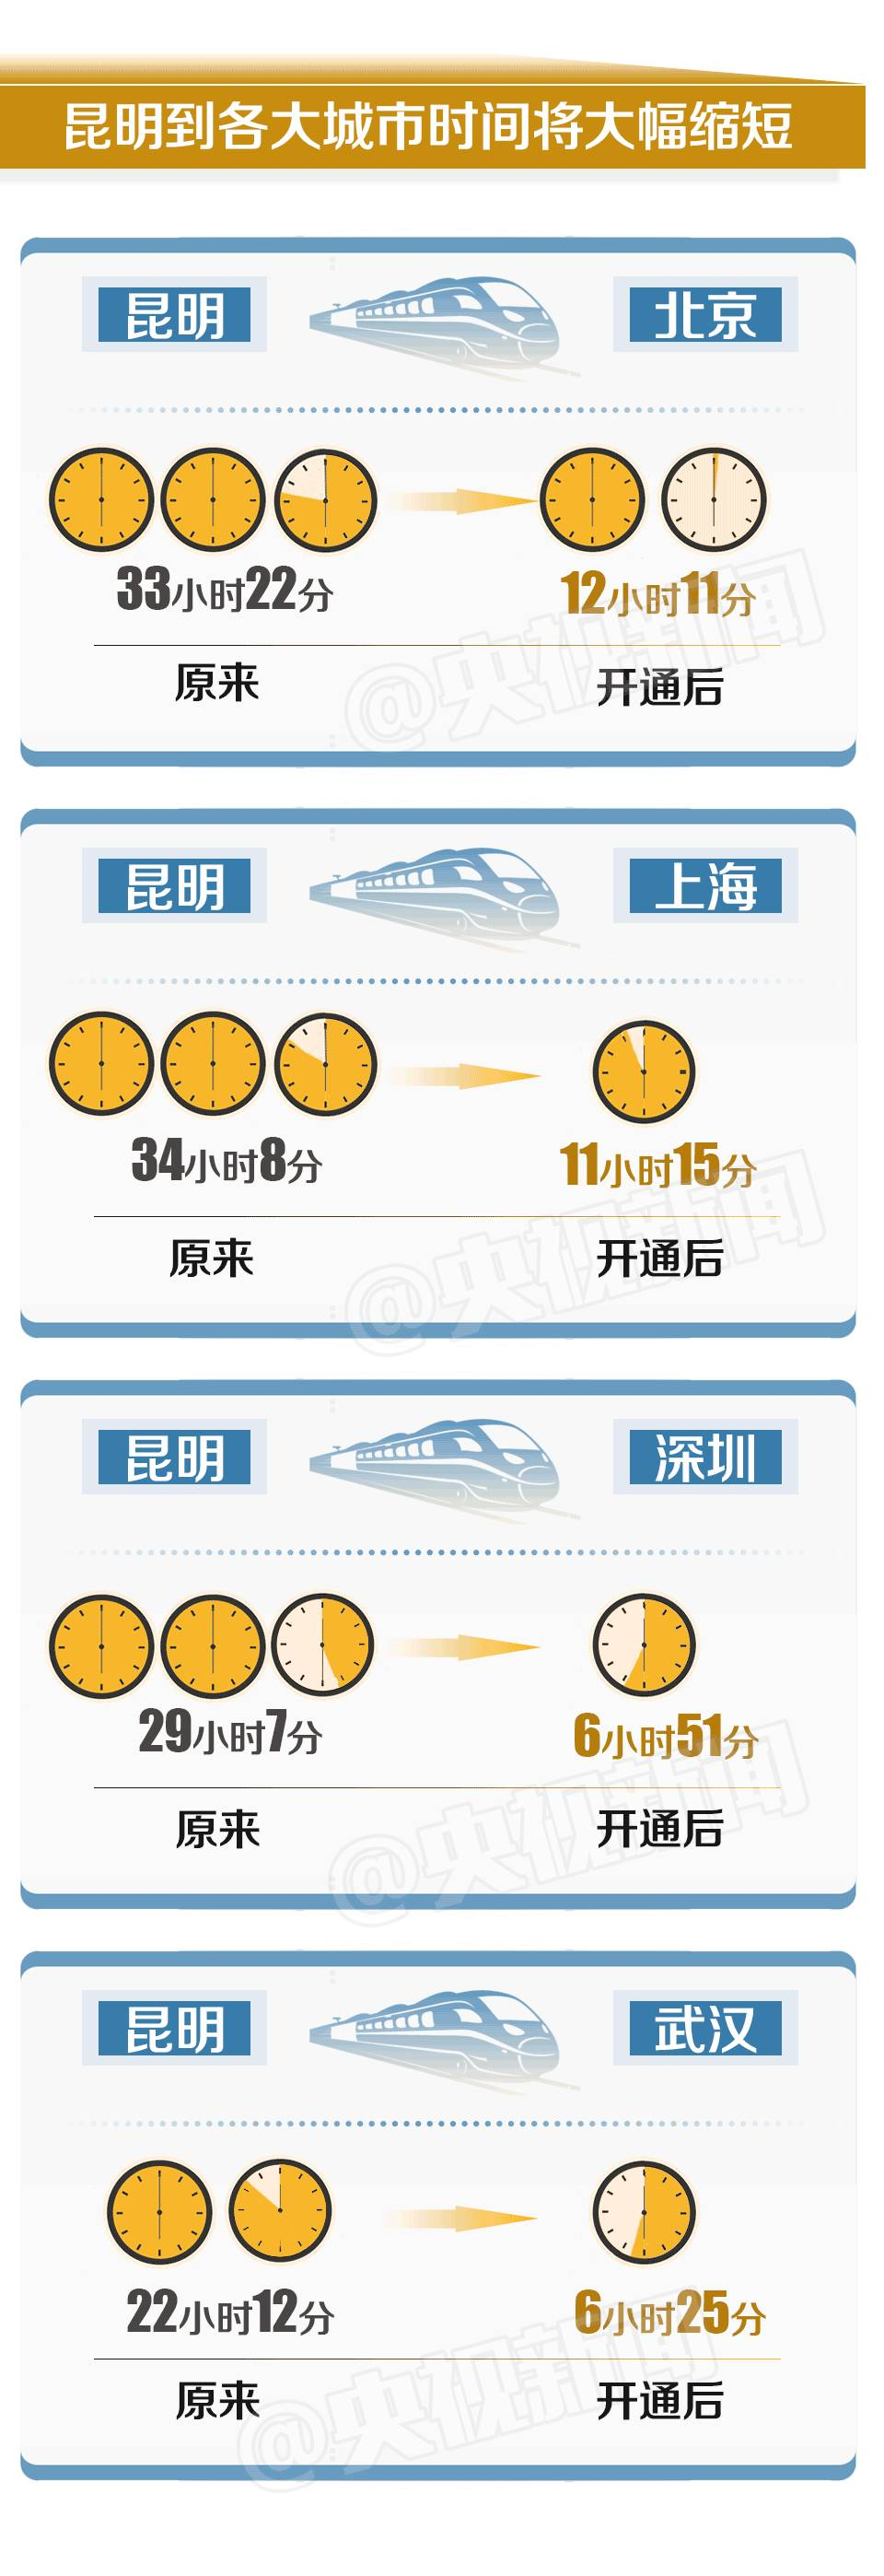 来了!中国最美高铁今天全线通车